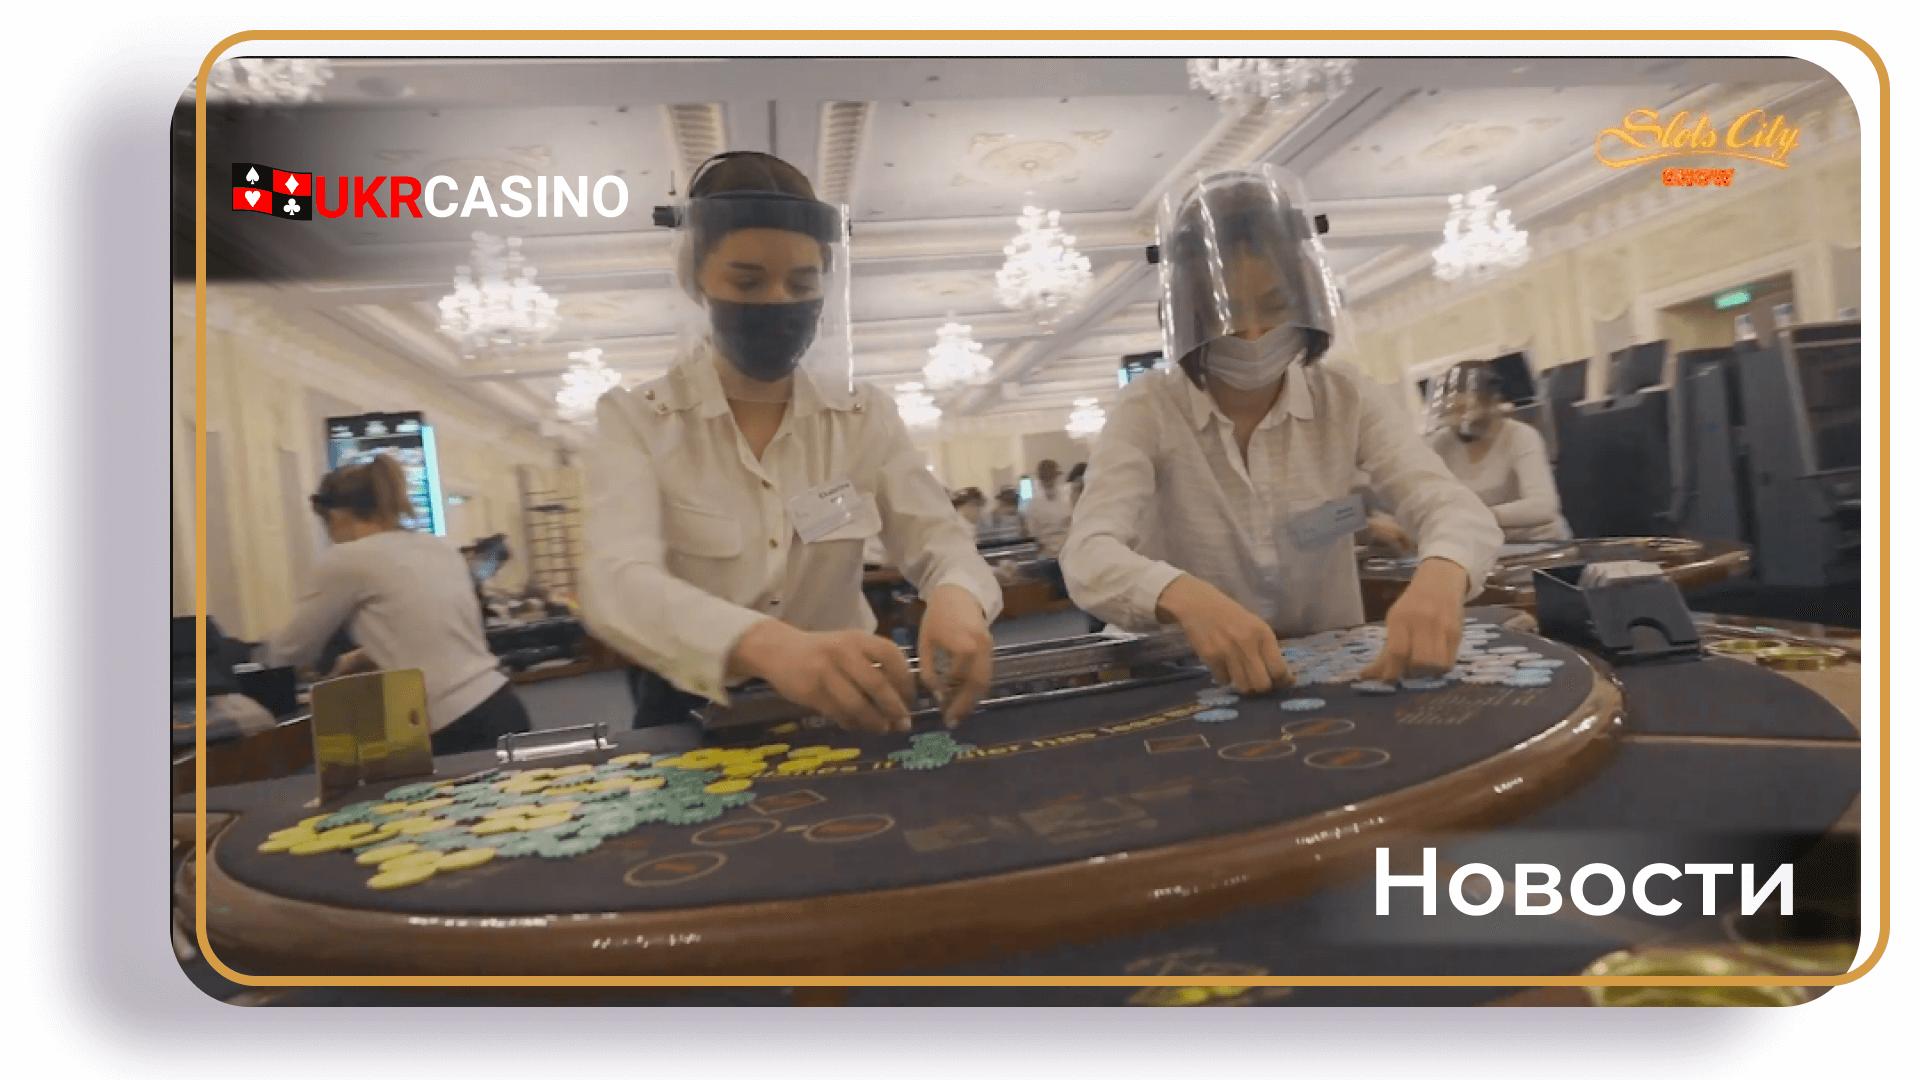 Обучение персонала для наземных казино в Украине